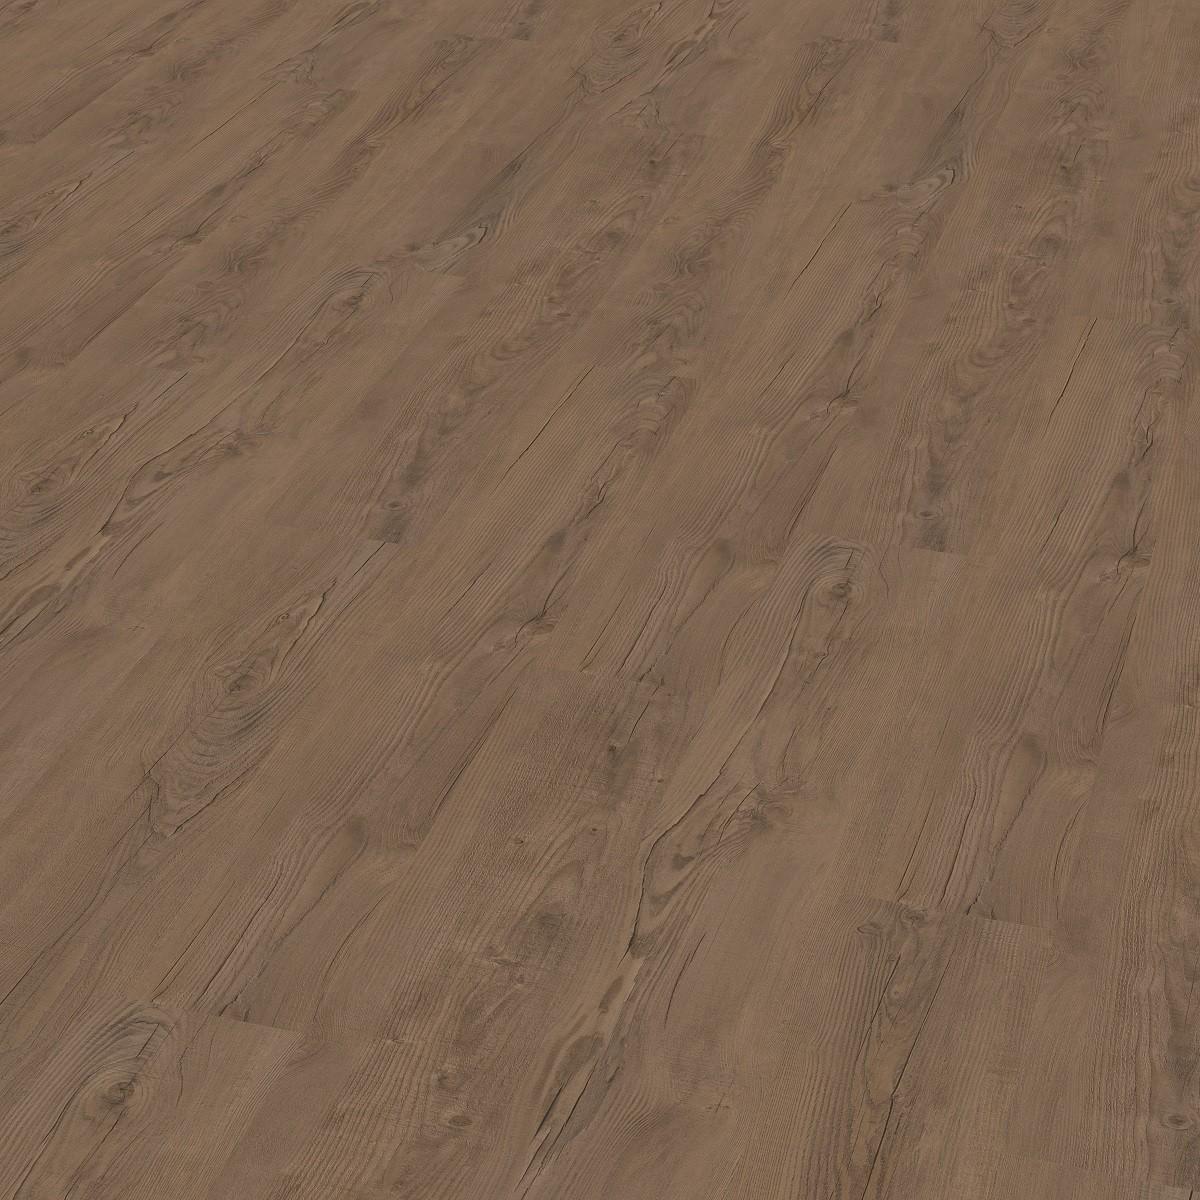 vinylboden dekor eiche g nstig online kaufen. Black Bedroom Furniture Sets. Home Design Ideas